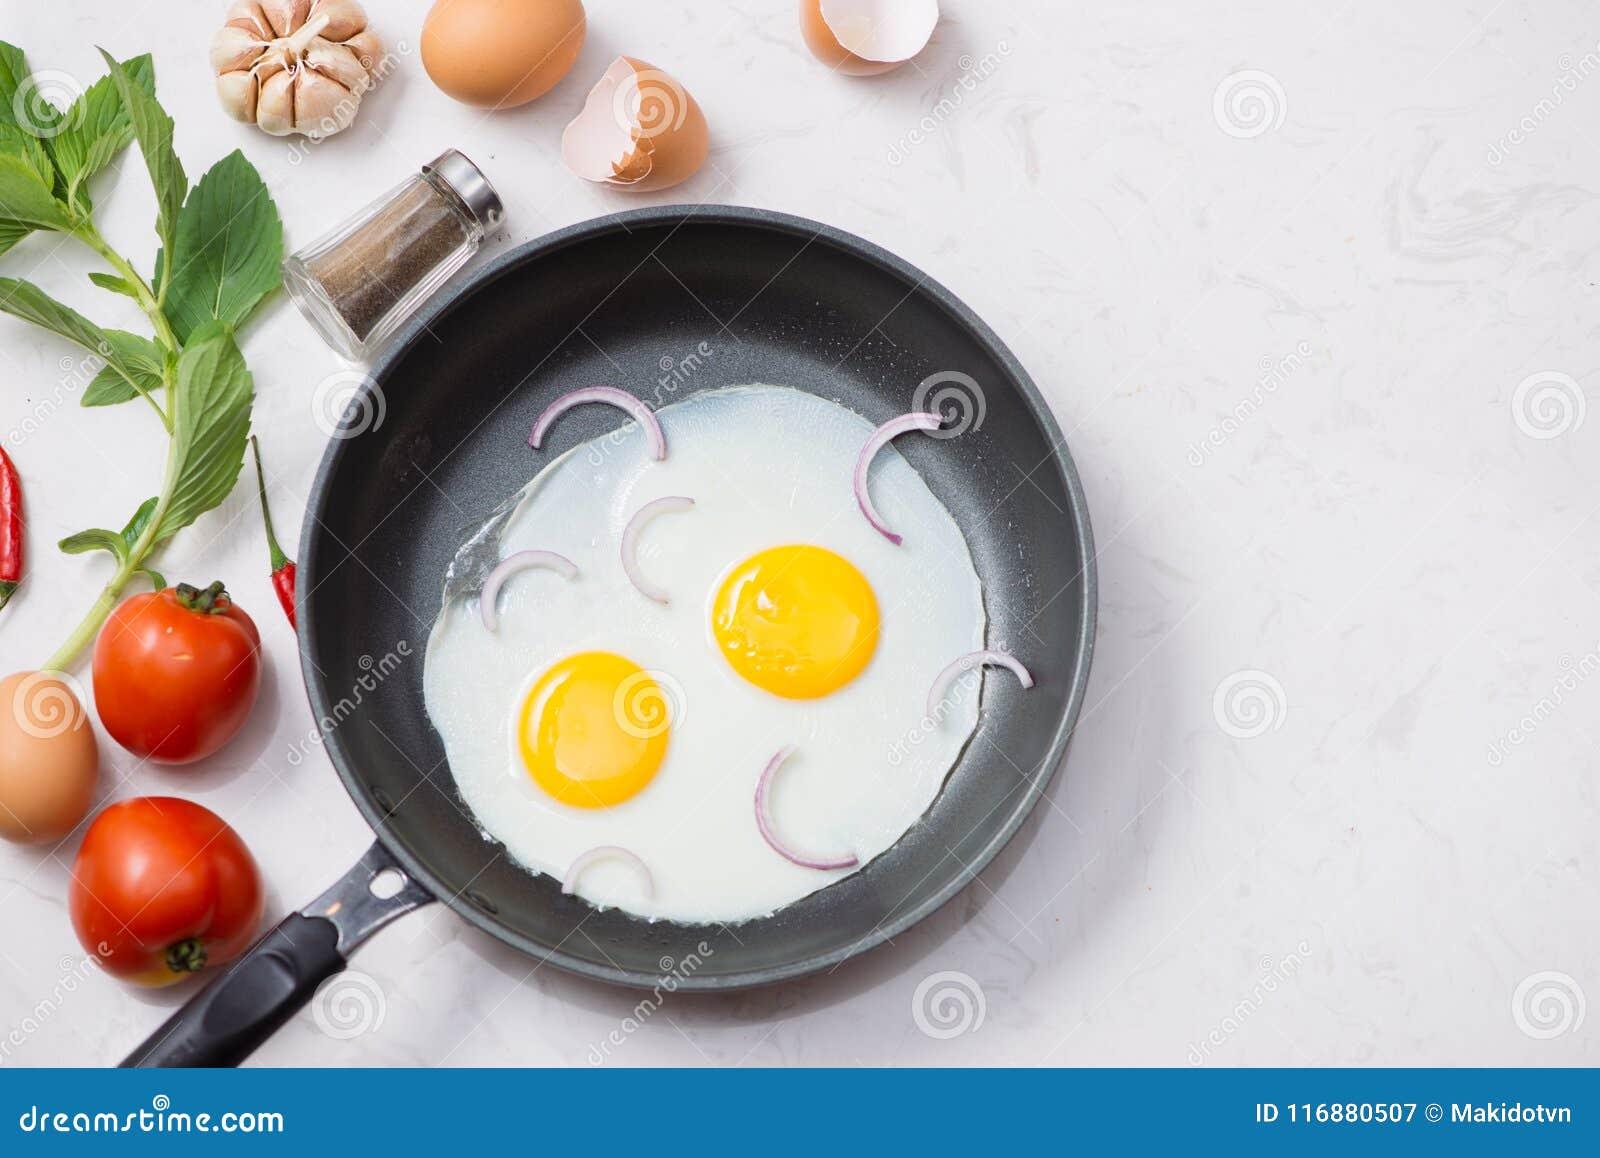 Äta i processen, stekte ägg i en stekpanna för frukost